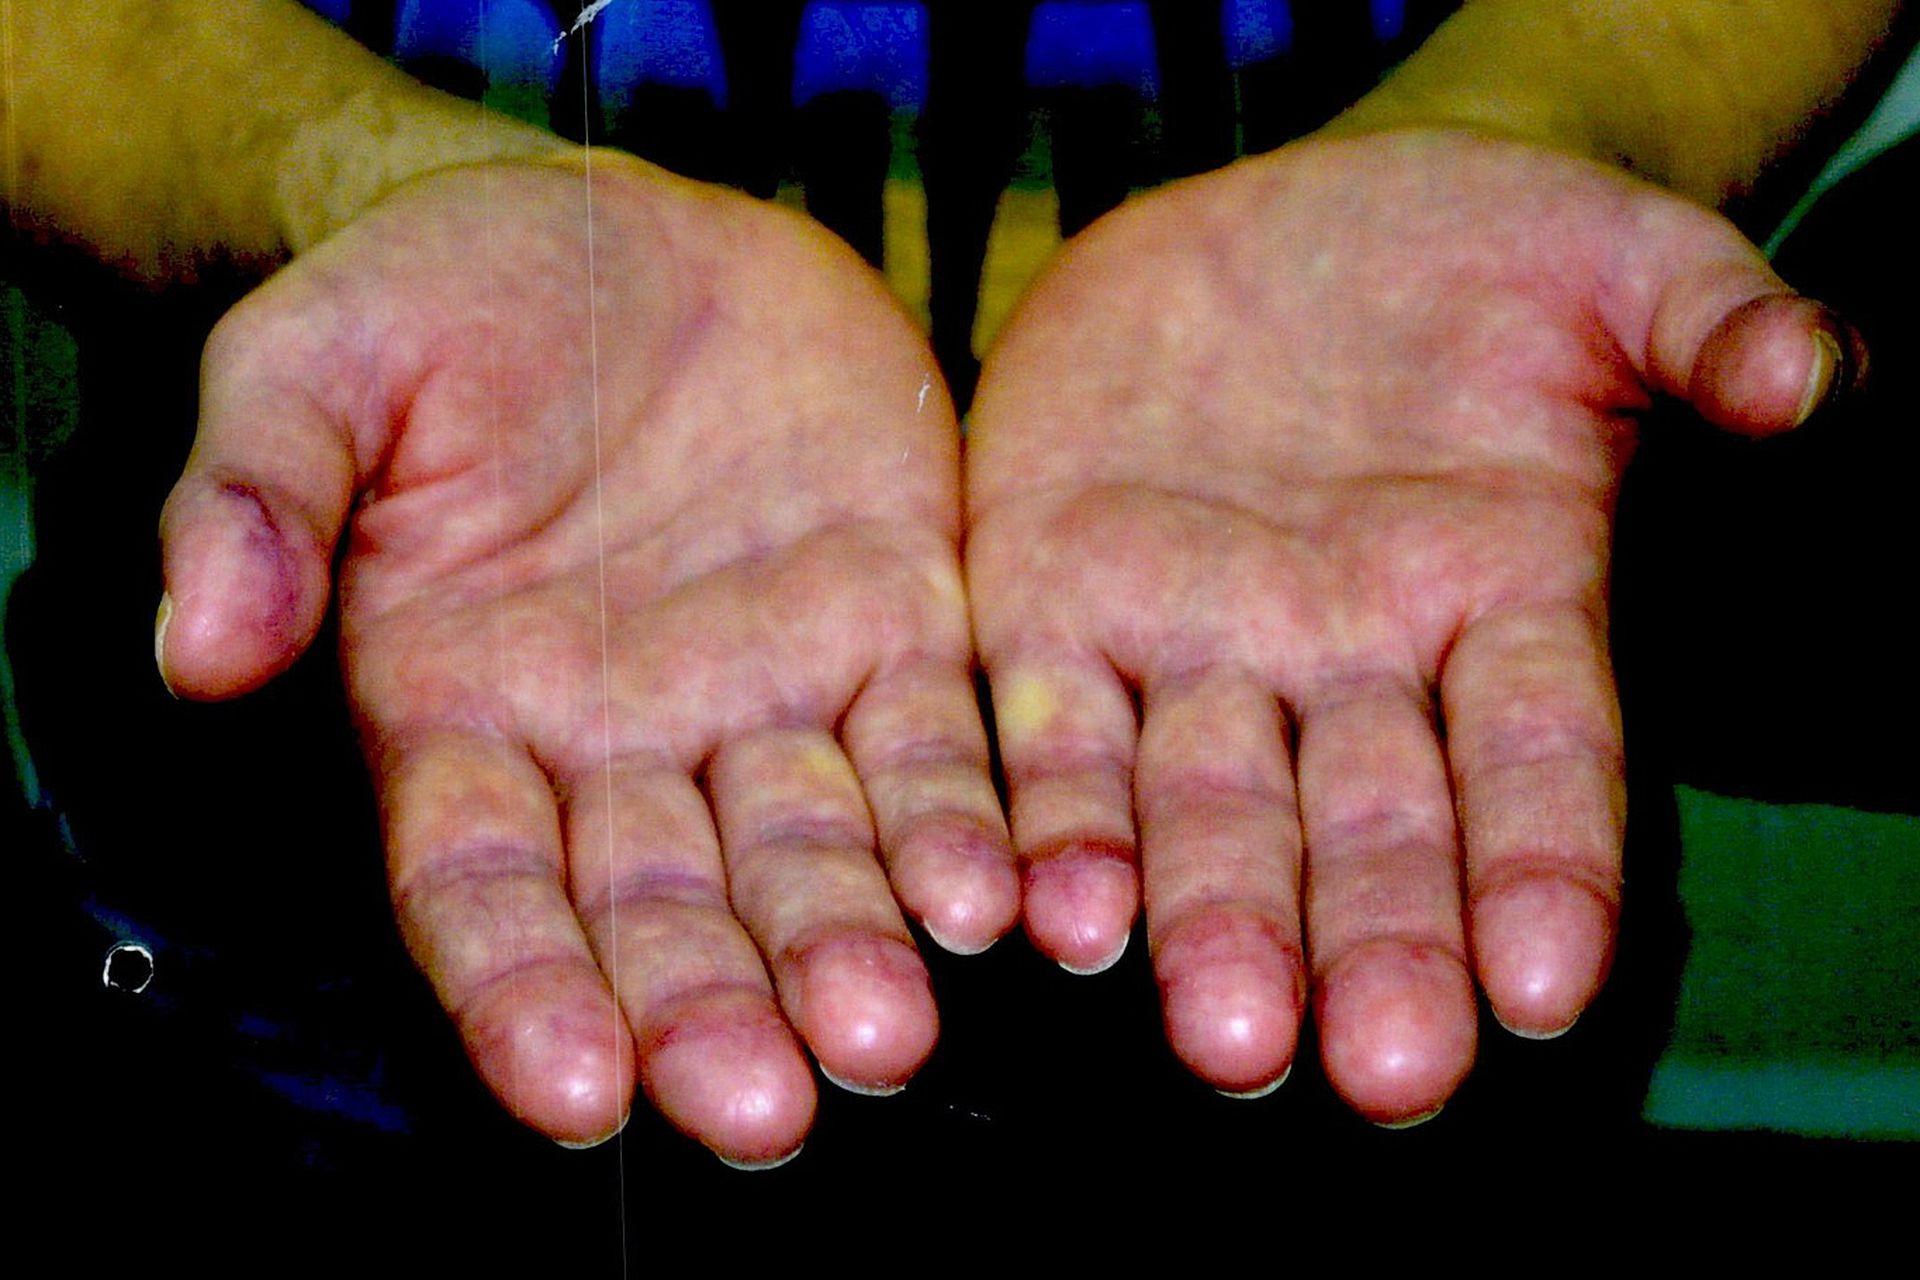 Las manos de Ibar Pérez Corradi, con las yemas de sus dedos melladas para dificultar su identificación mediante huellas dactilares